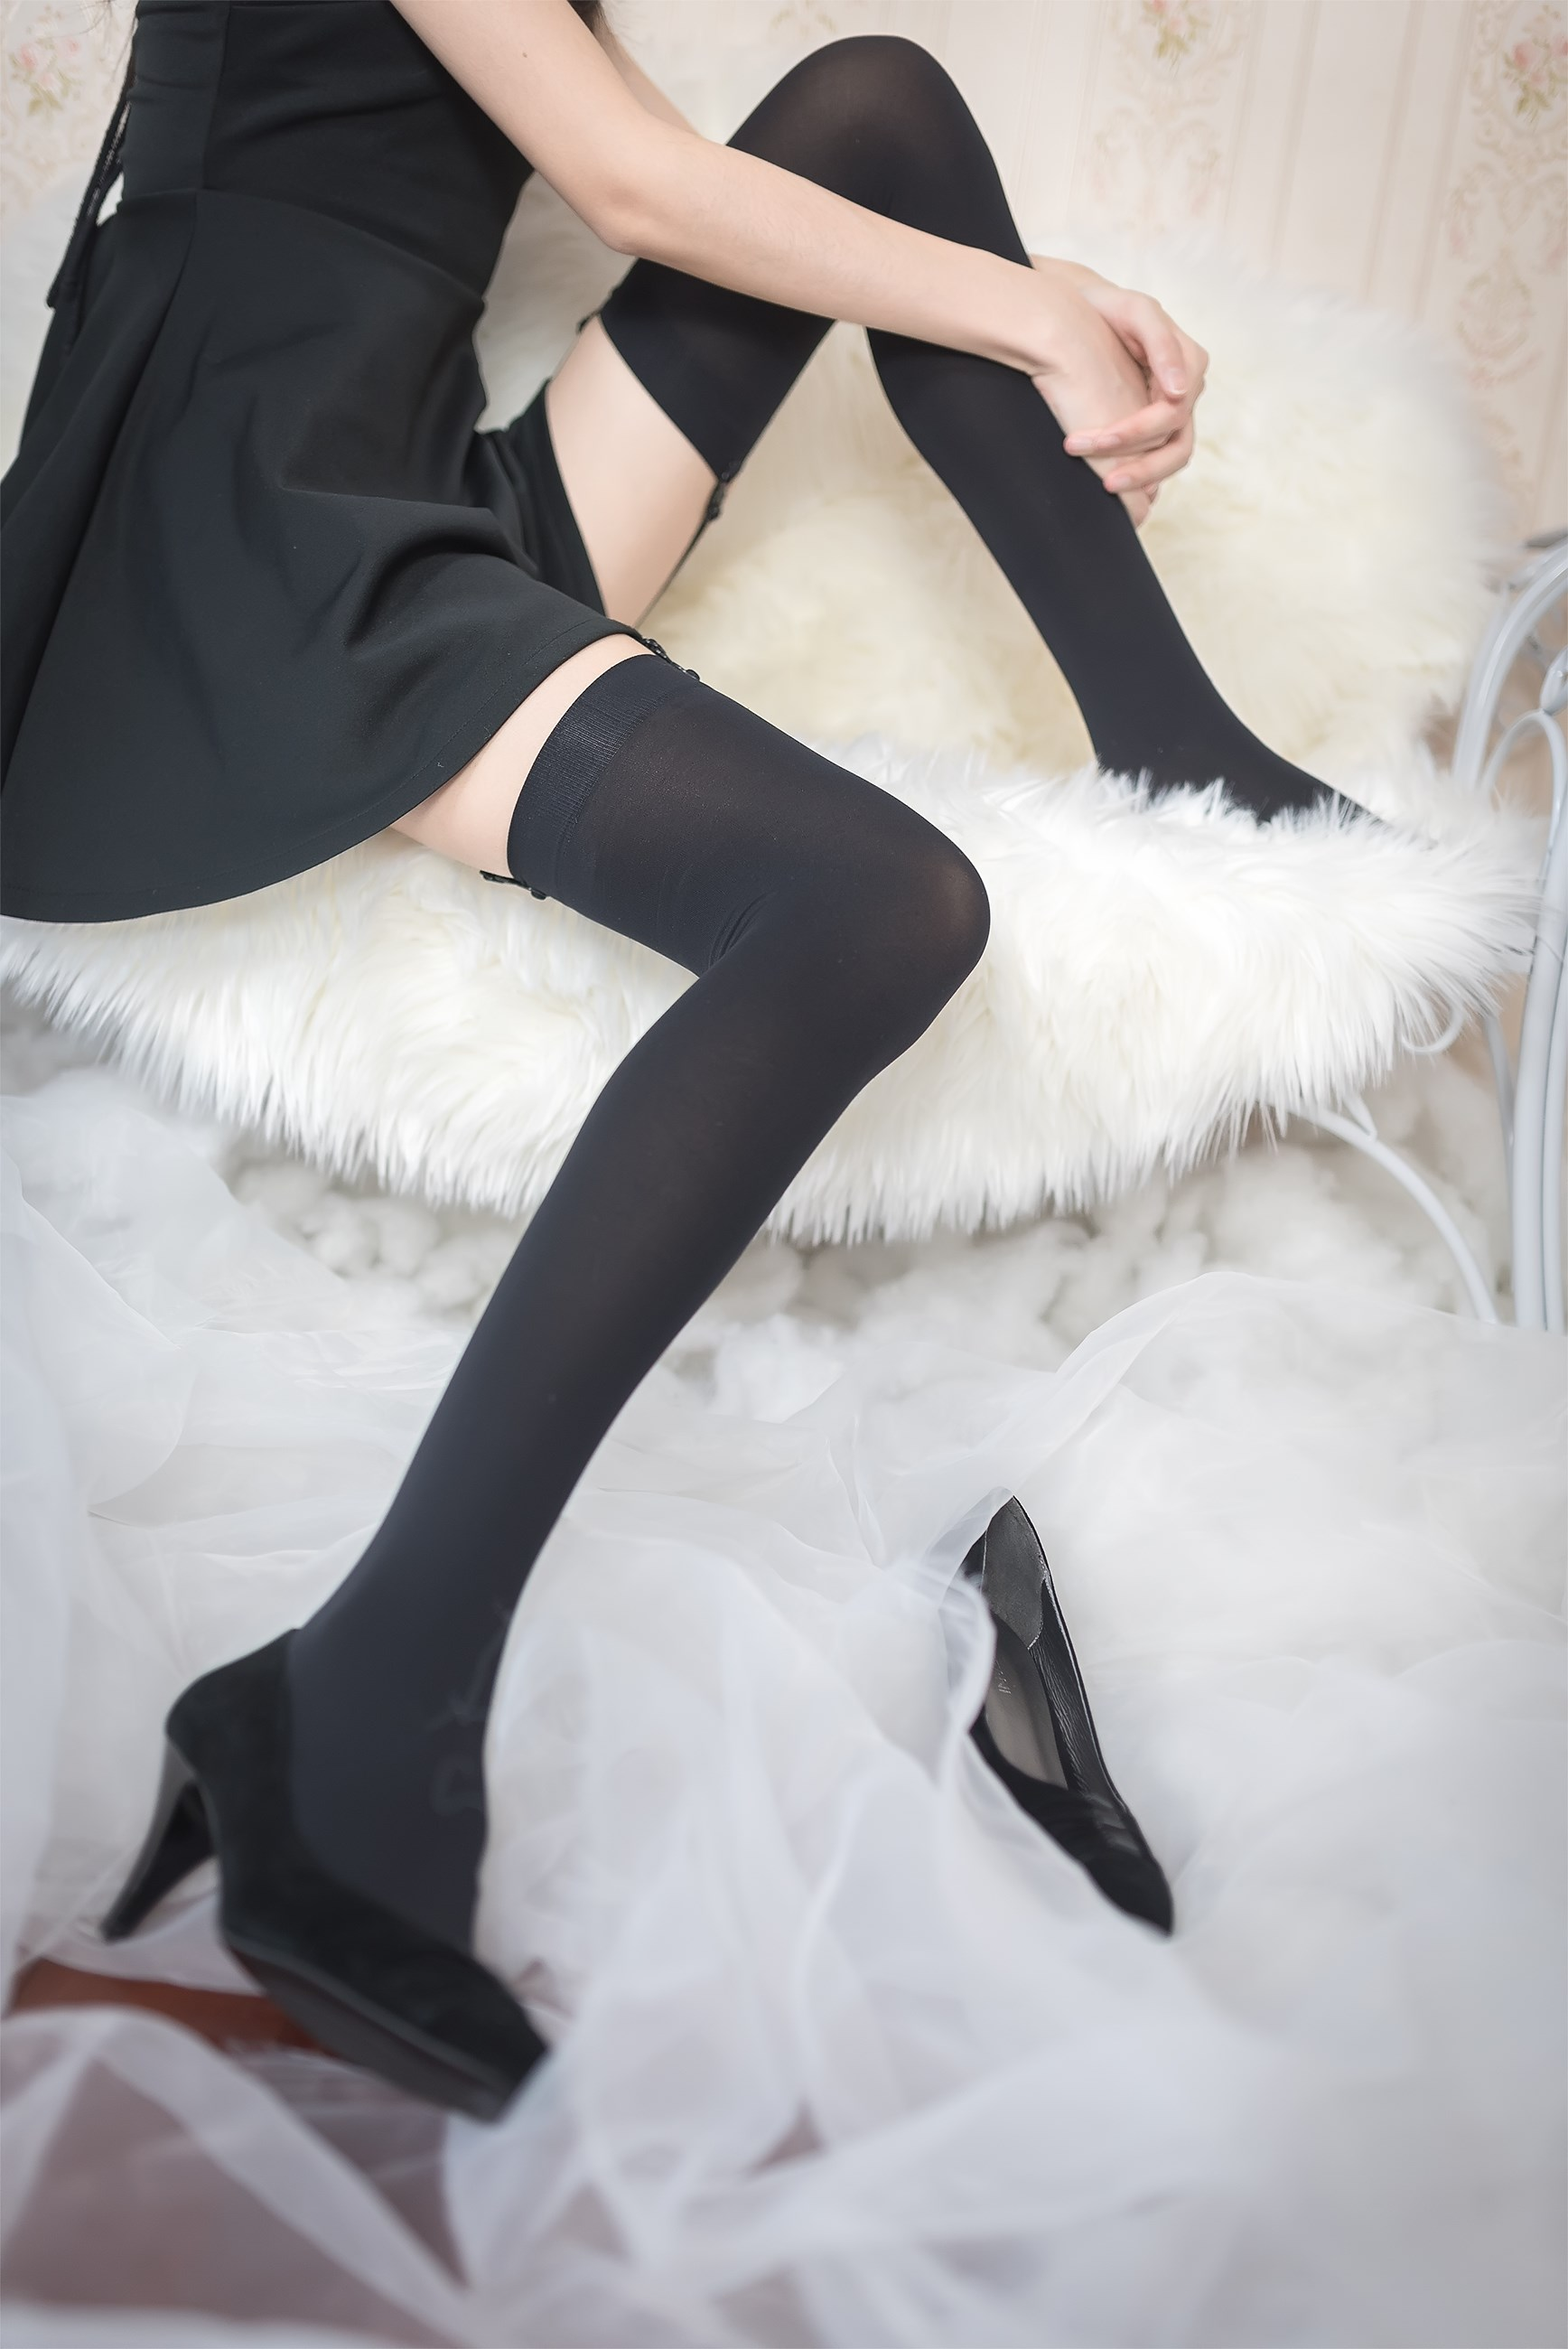 【兔玩映画】吊带 · 丝袜 · 天使 兔玩映画 第32张